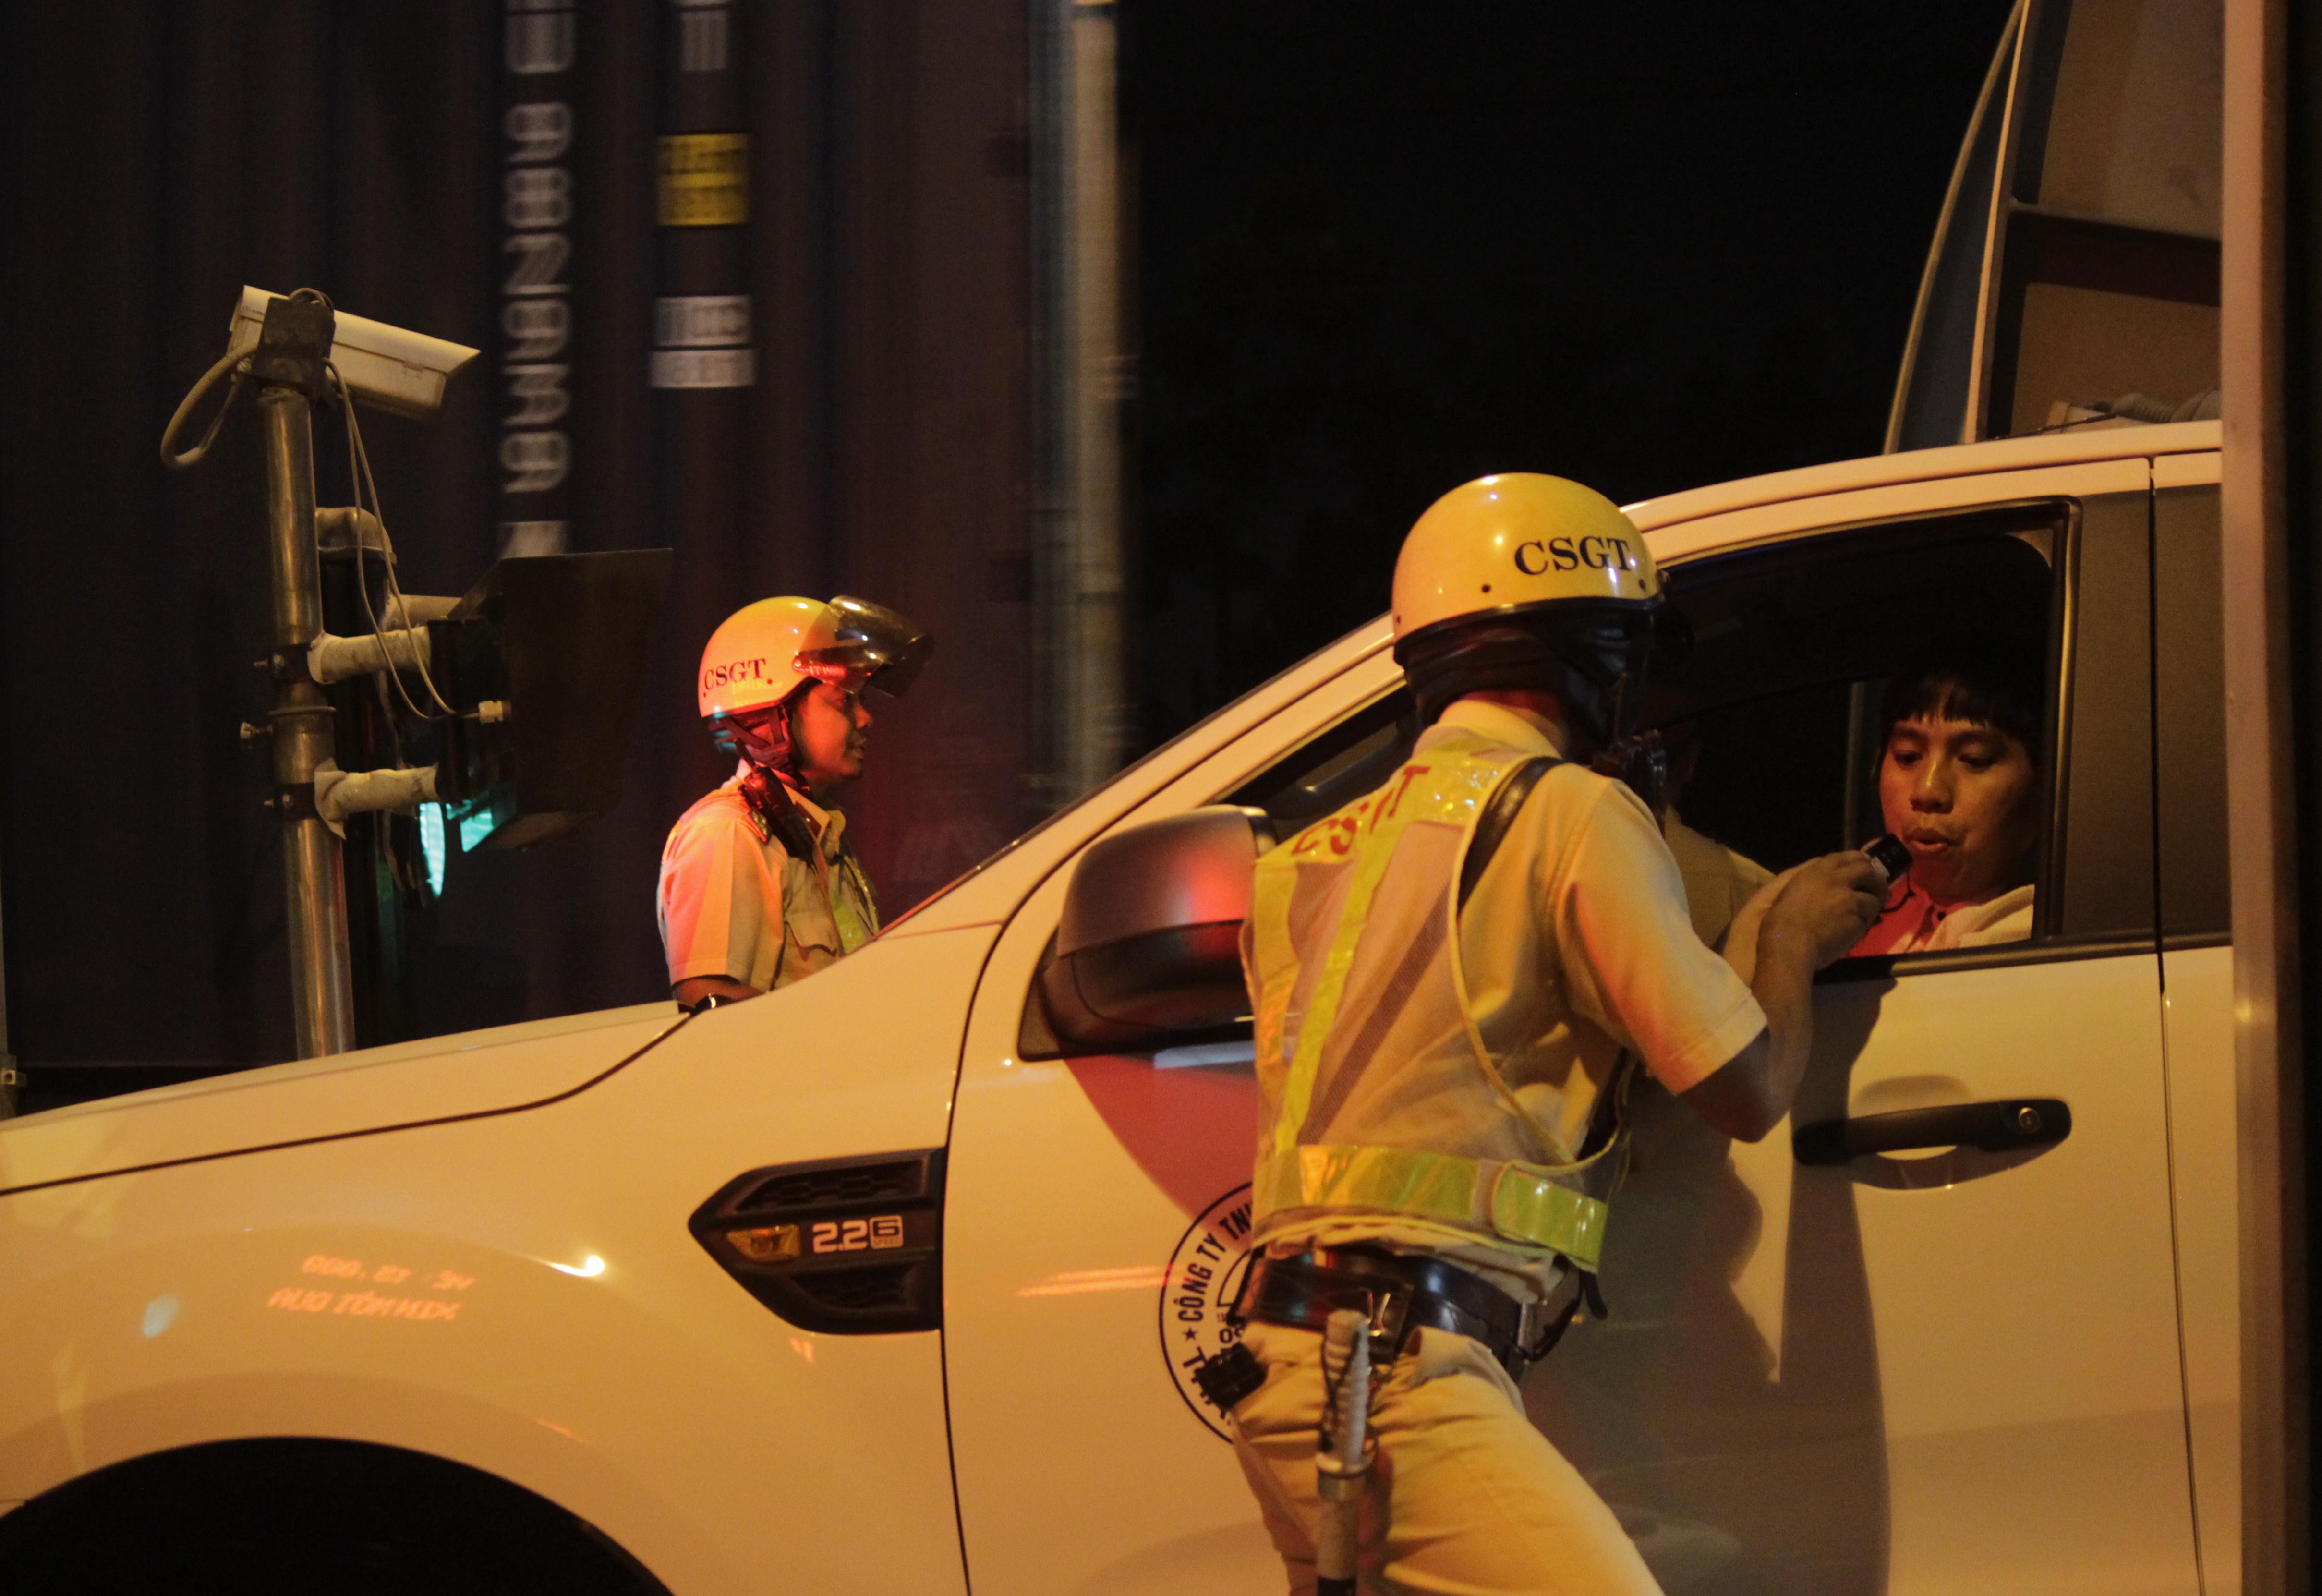 Trong đêm đầu ra quân, lực lượng chức năng phát hiện 11 trường hợp vi phạm nồng dộ cồn gồm 2 tài xế xe đầu kéo, 1 tài xế xe tải thùng và 8 tài xế ôtô con. Trong đó 5 vụ vượt quá 0,4mg/1 lit khí thở, 2 vụ chưa vượt qua 0,25mg/1 lit khi thở và 4 vụ vượt quá 0,25mg/1 lit khí thở đến 0,4mg/1 lit khí thở